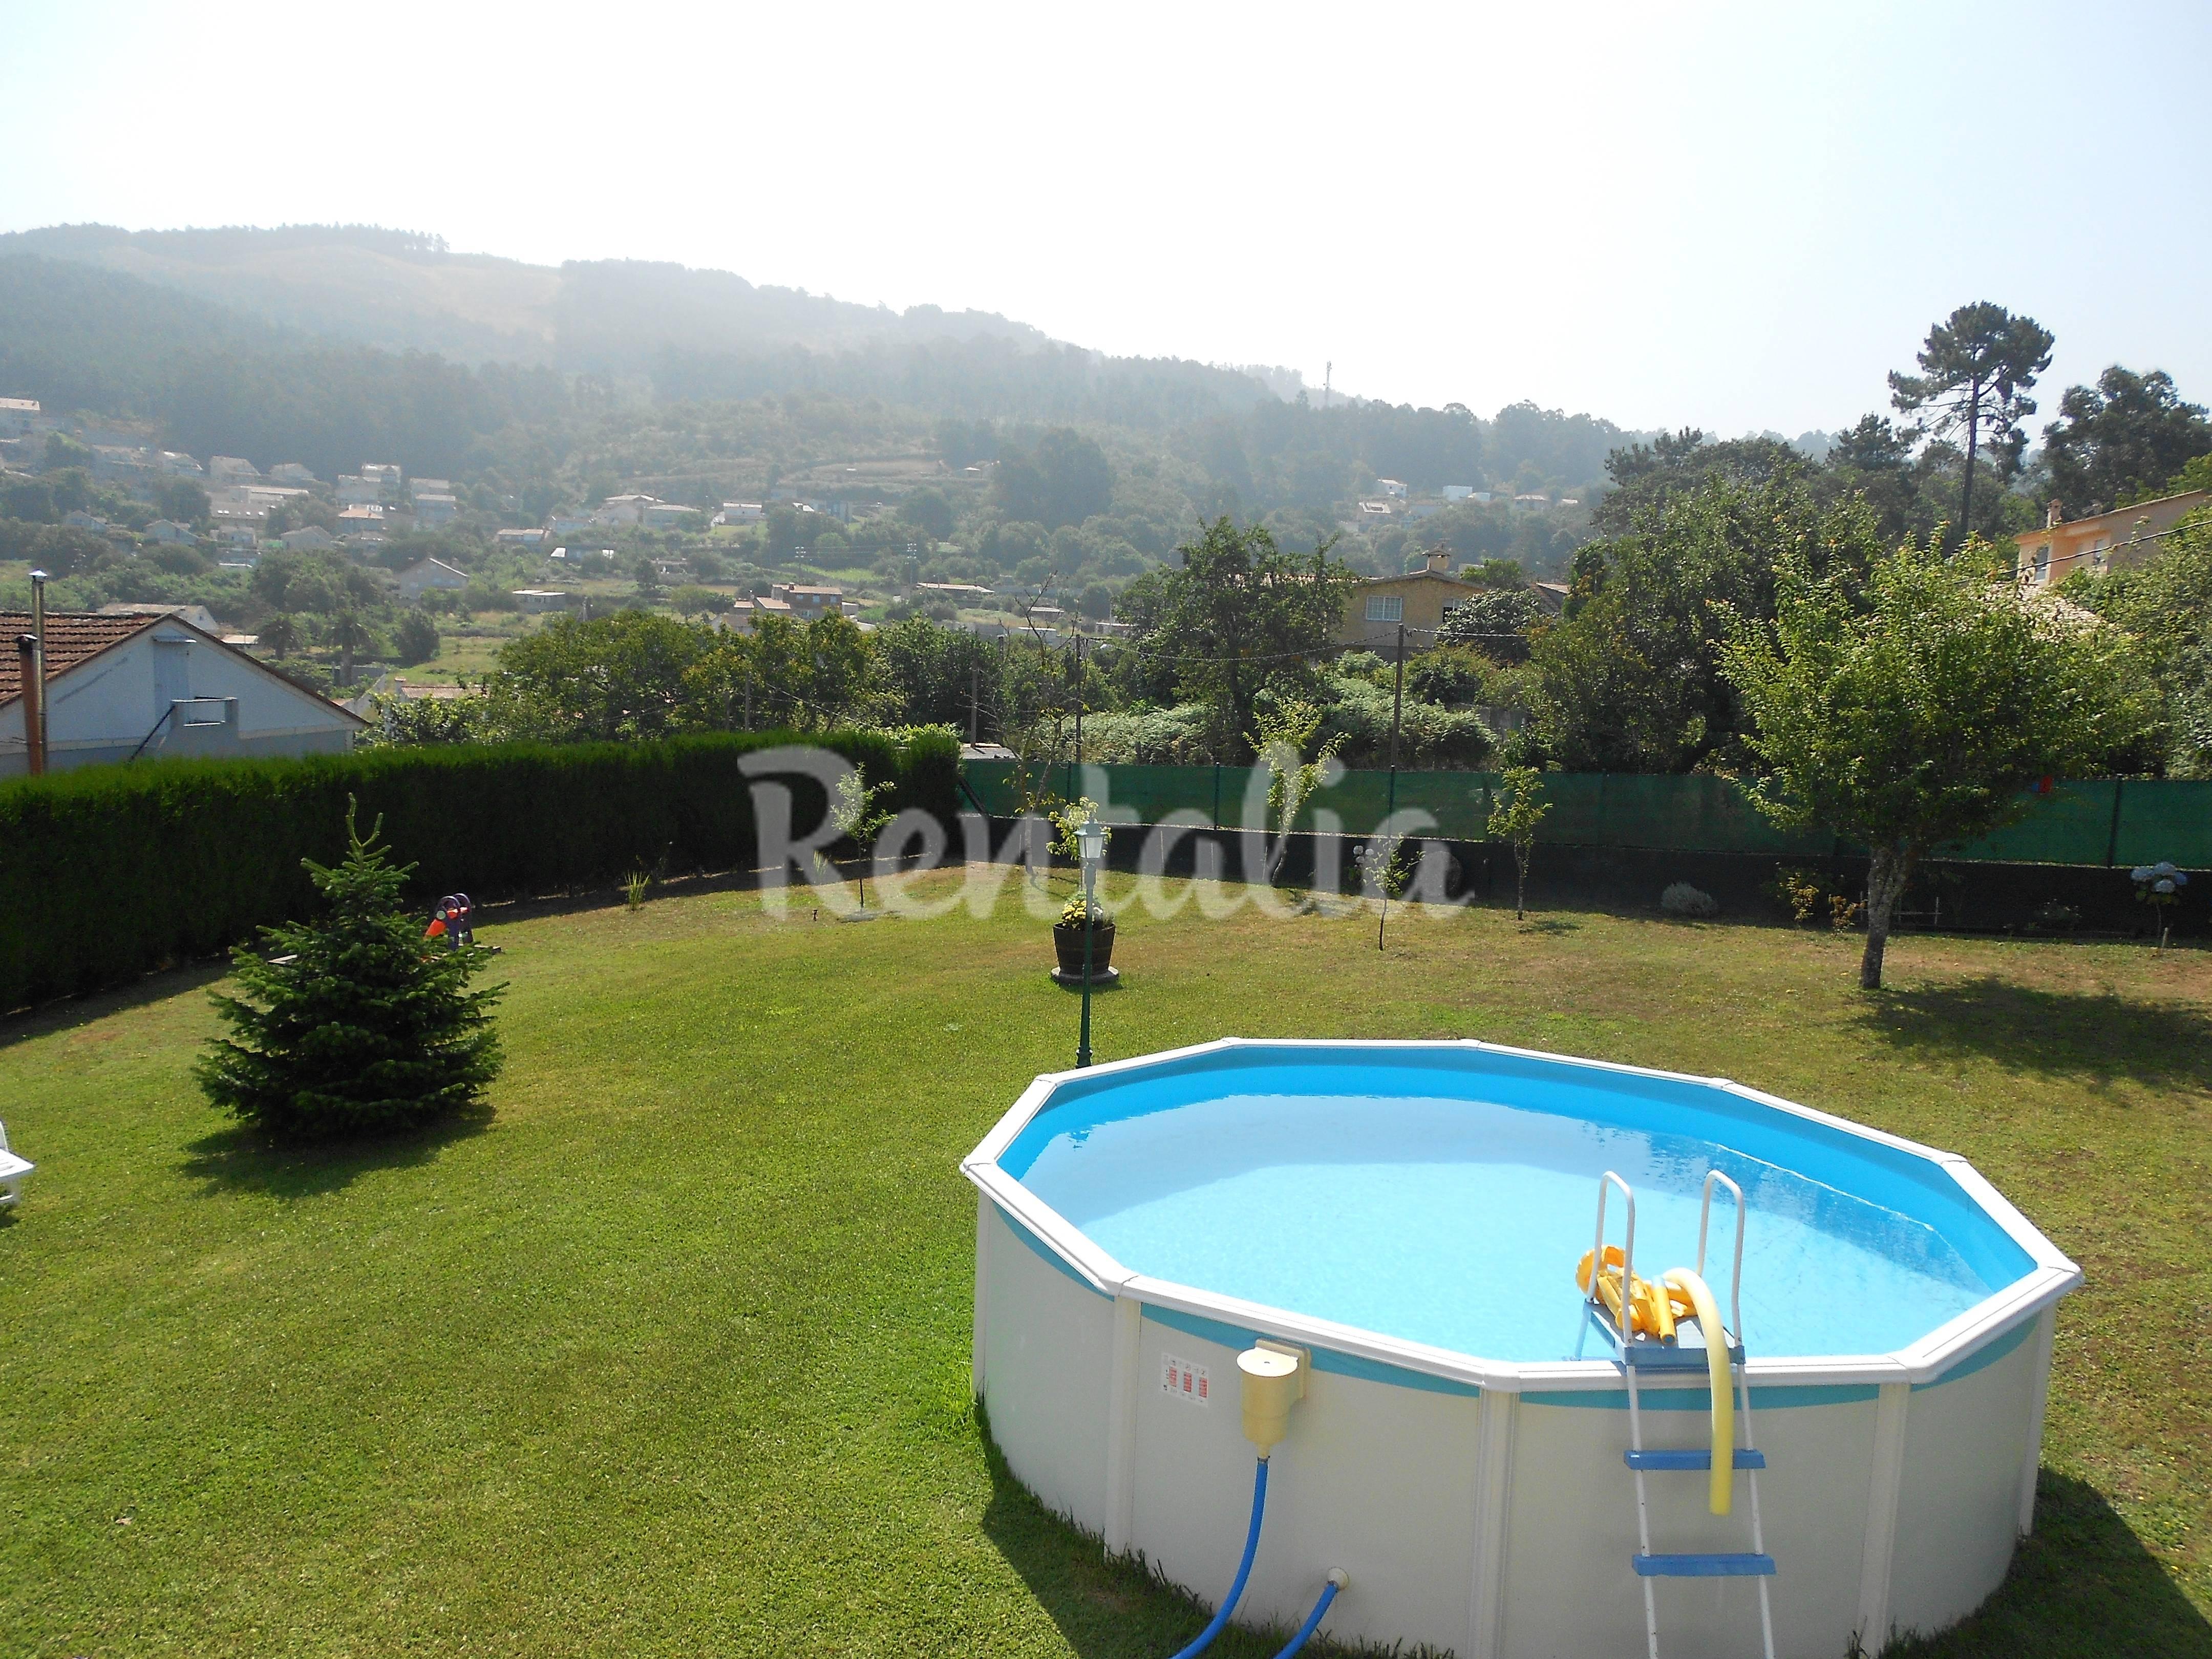 Casa con piscina y 1200m de parcela saians vigo - Apartamentos con piscina en galicia ...